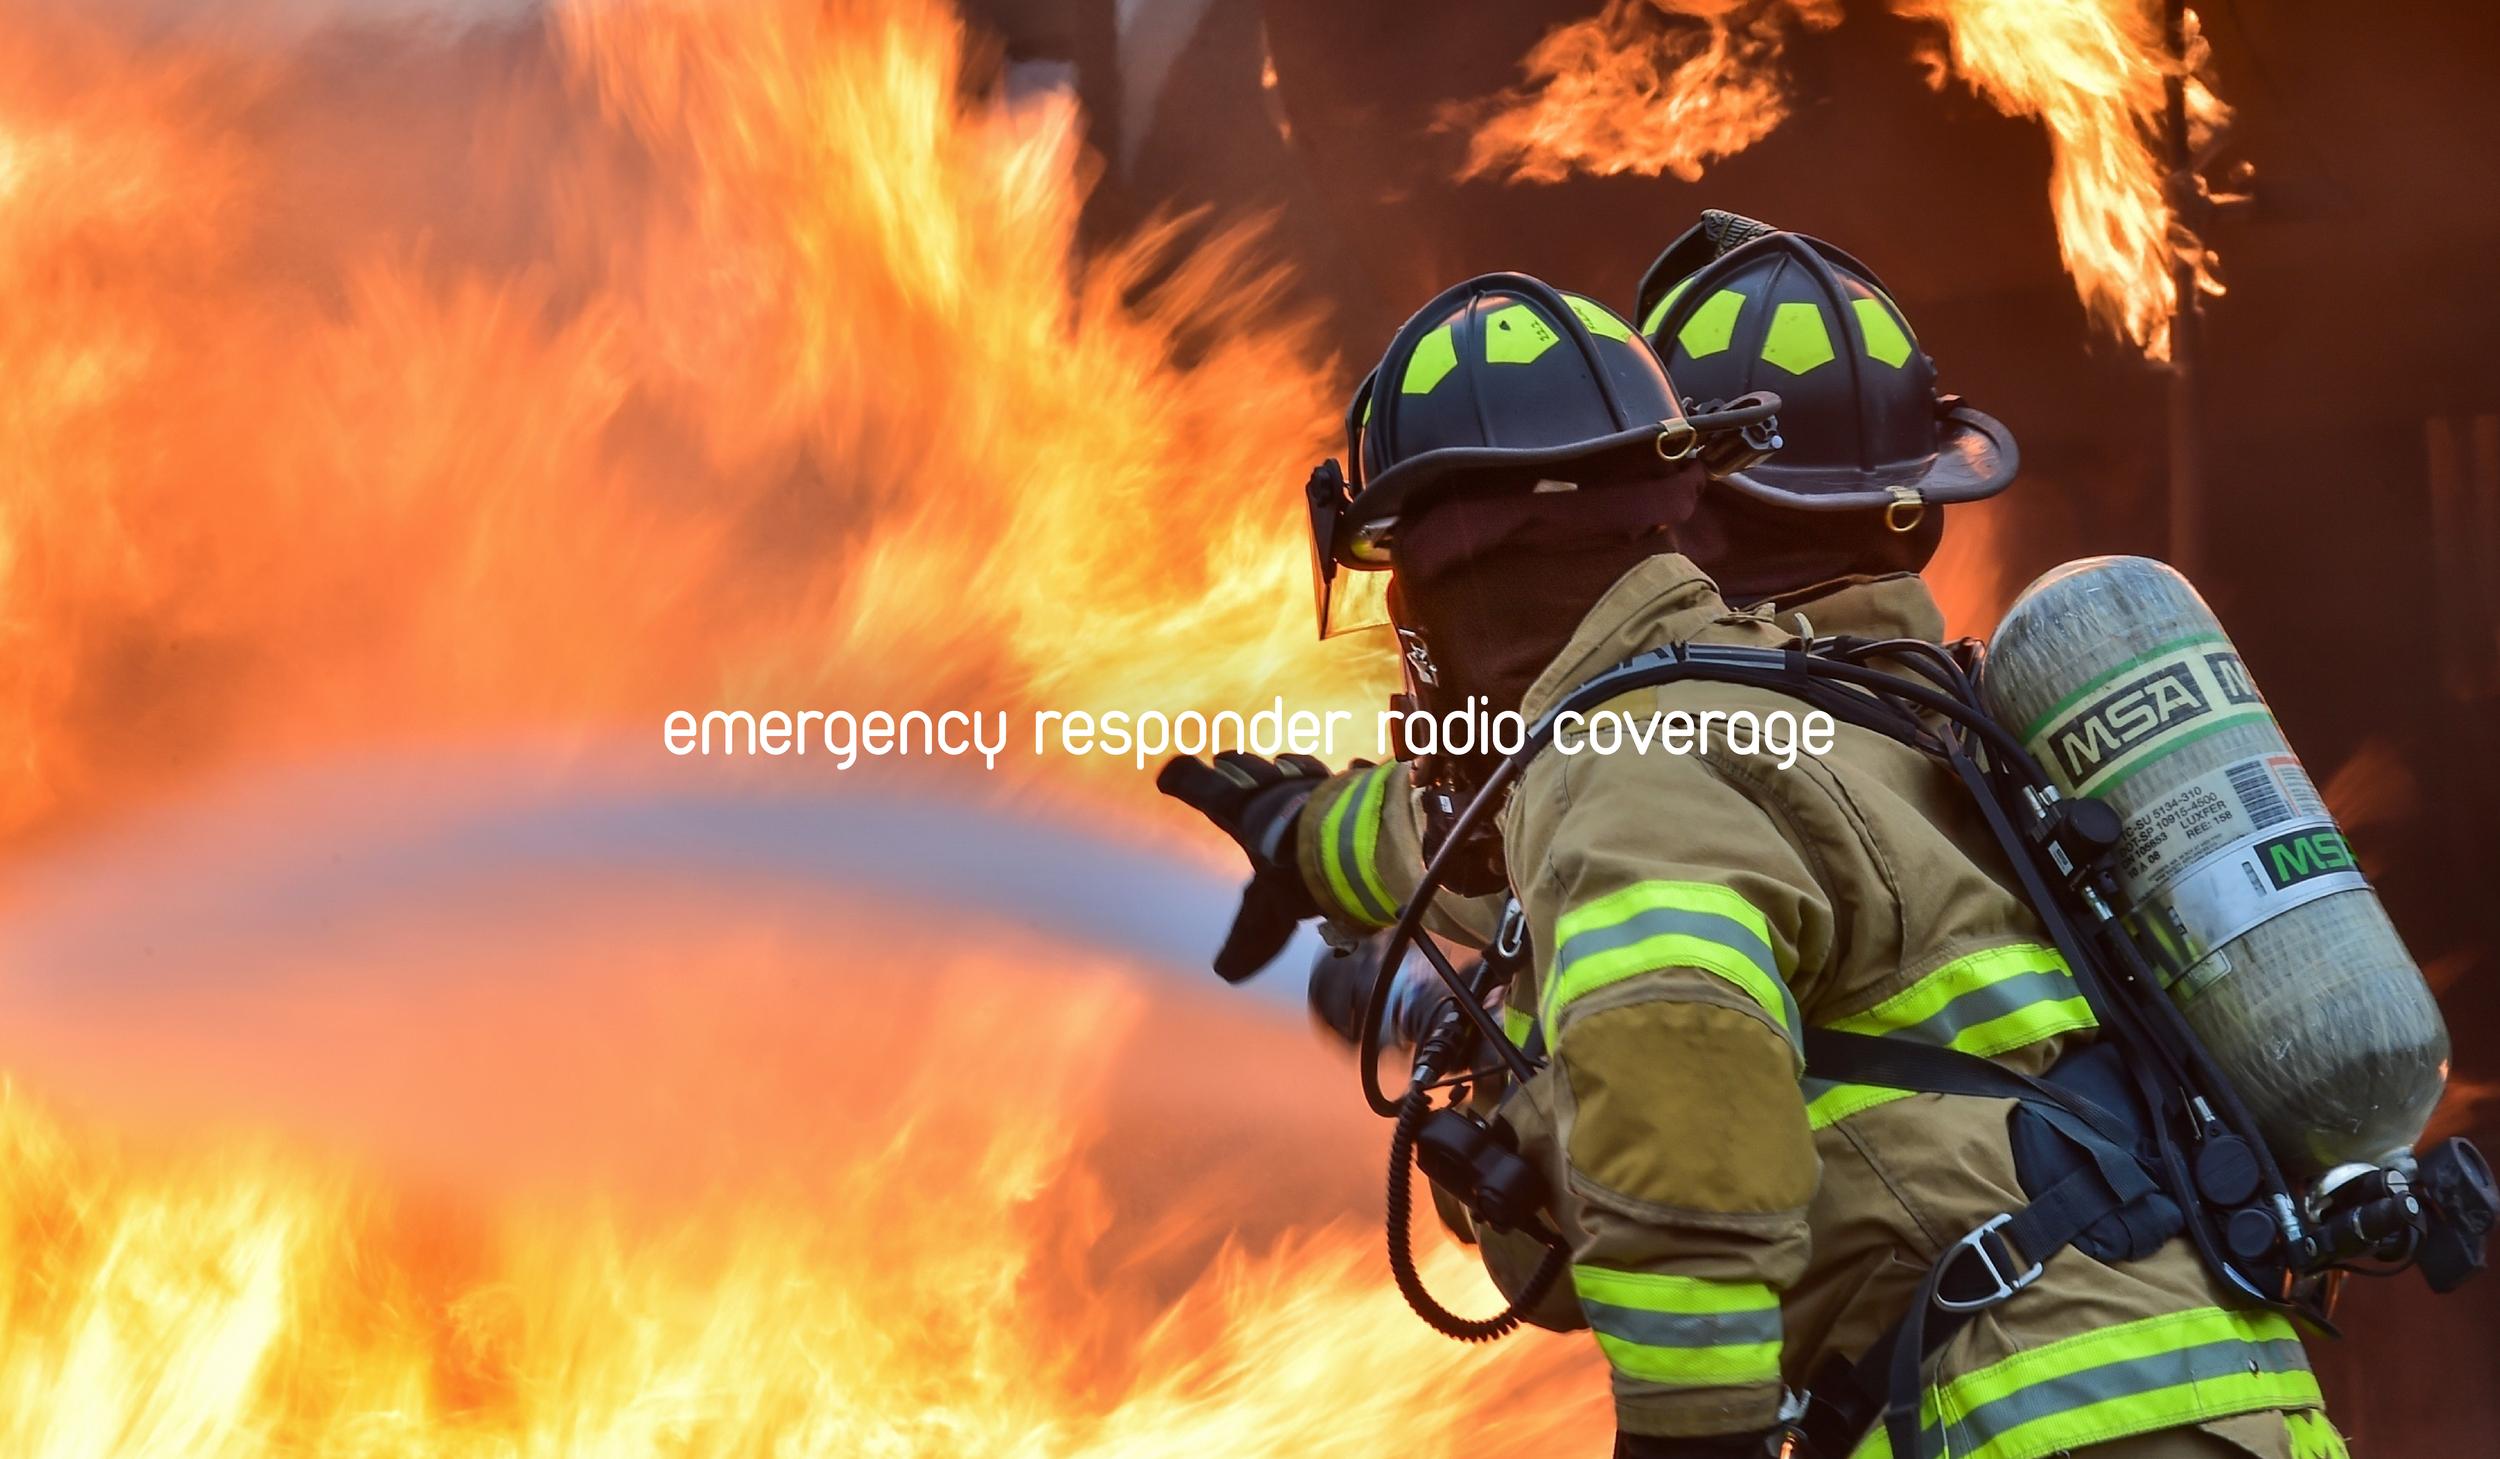 emergency_responder_radio_coverage-01.png